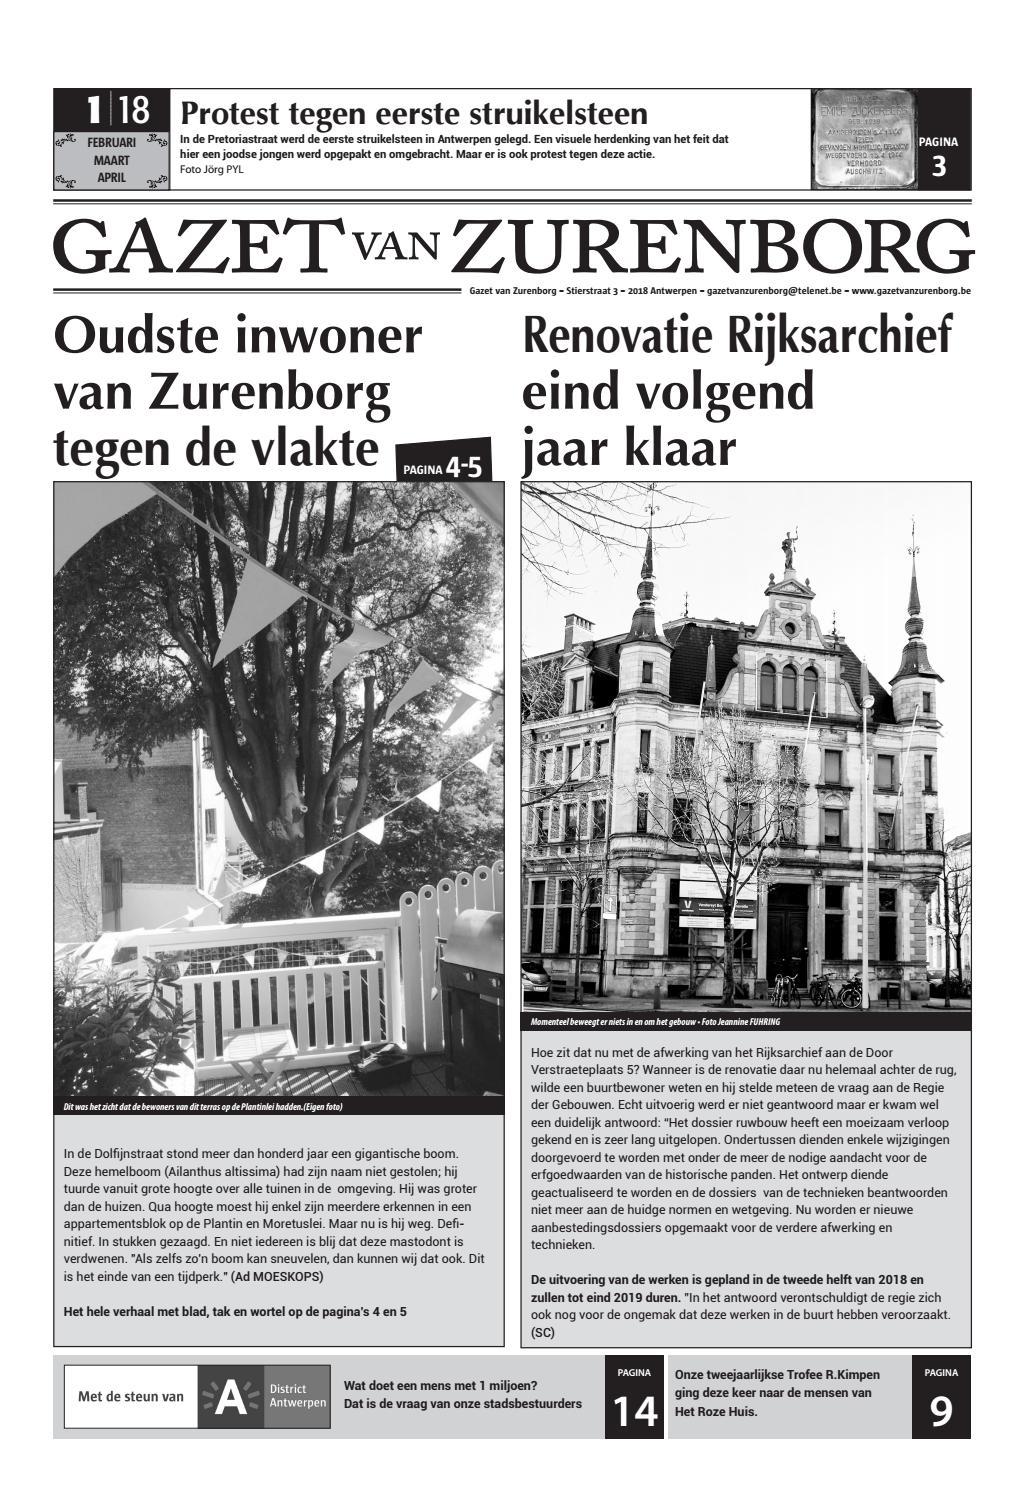 Gazet Van Zurenborg 2018 Editie 1 By Gazet Van Zurenborg Issuu